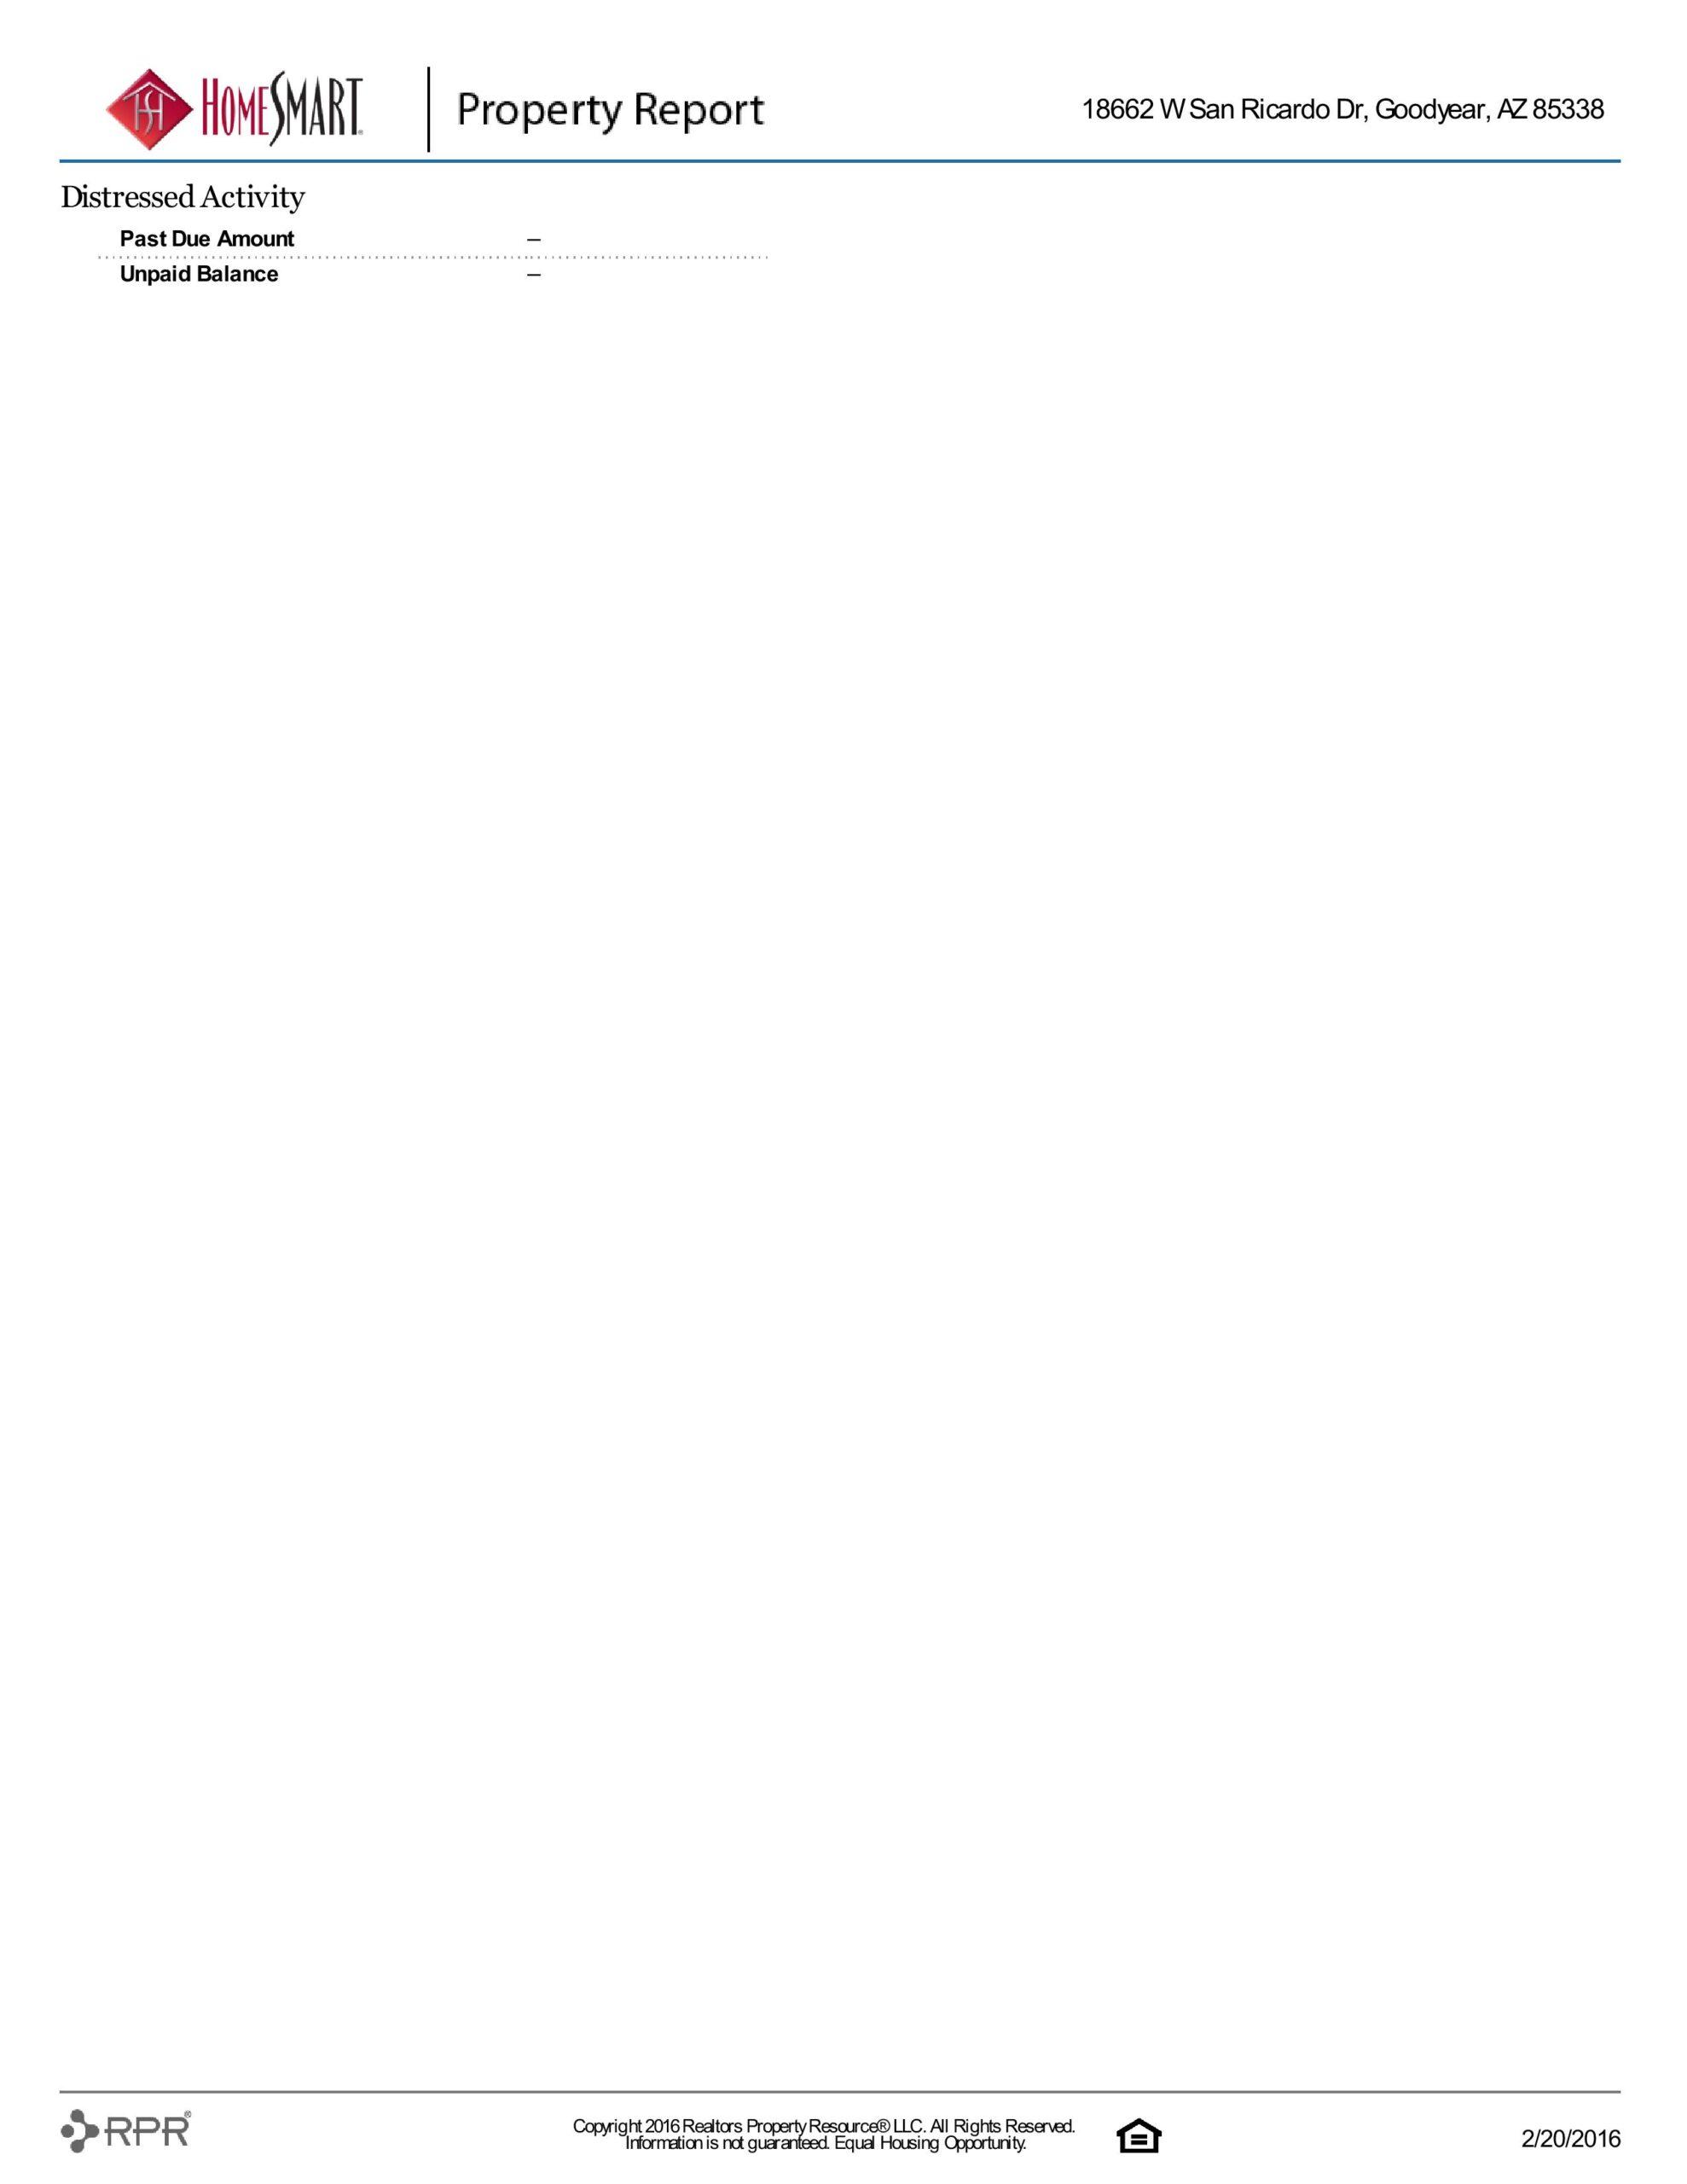 18662 W SAN RICARDO DR PROPERTY REPORT-page-015